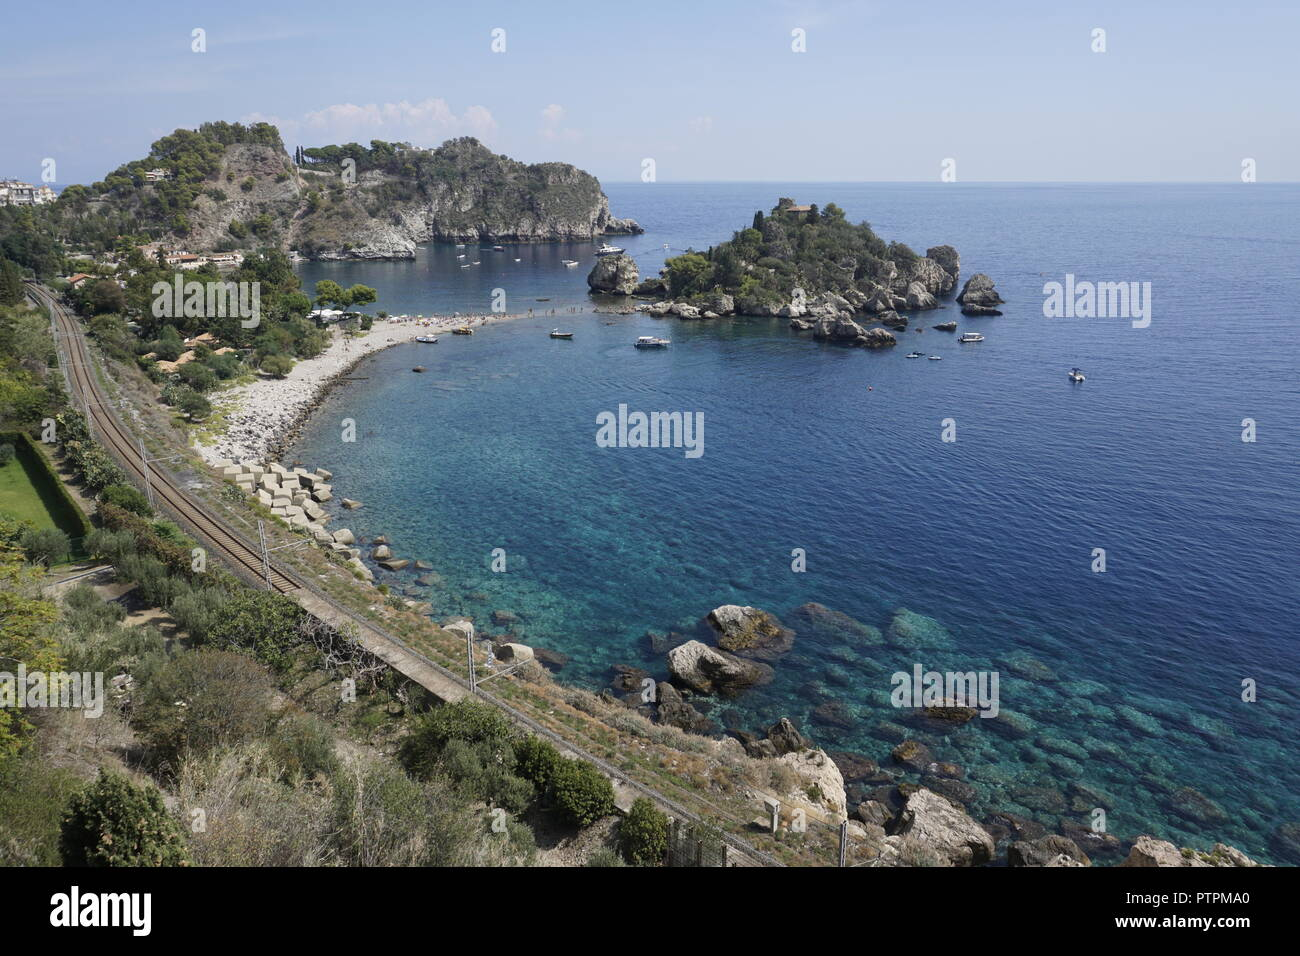 Isola Bella, belle petite île et l'un des monuments de Taormina, Sicile, Italie Banque D'Images